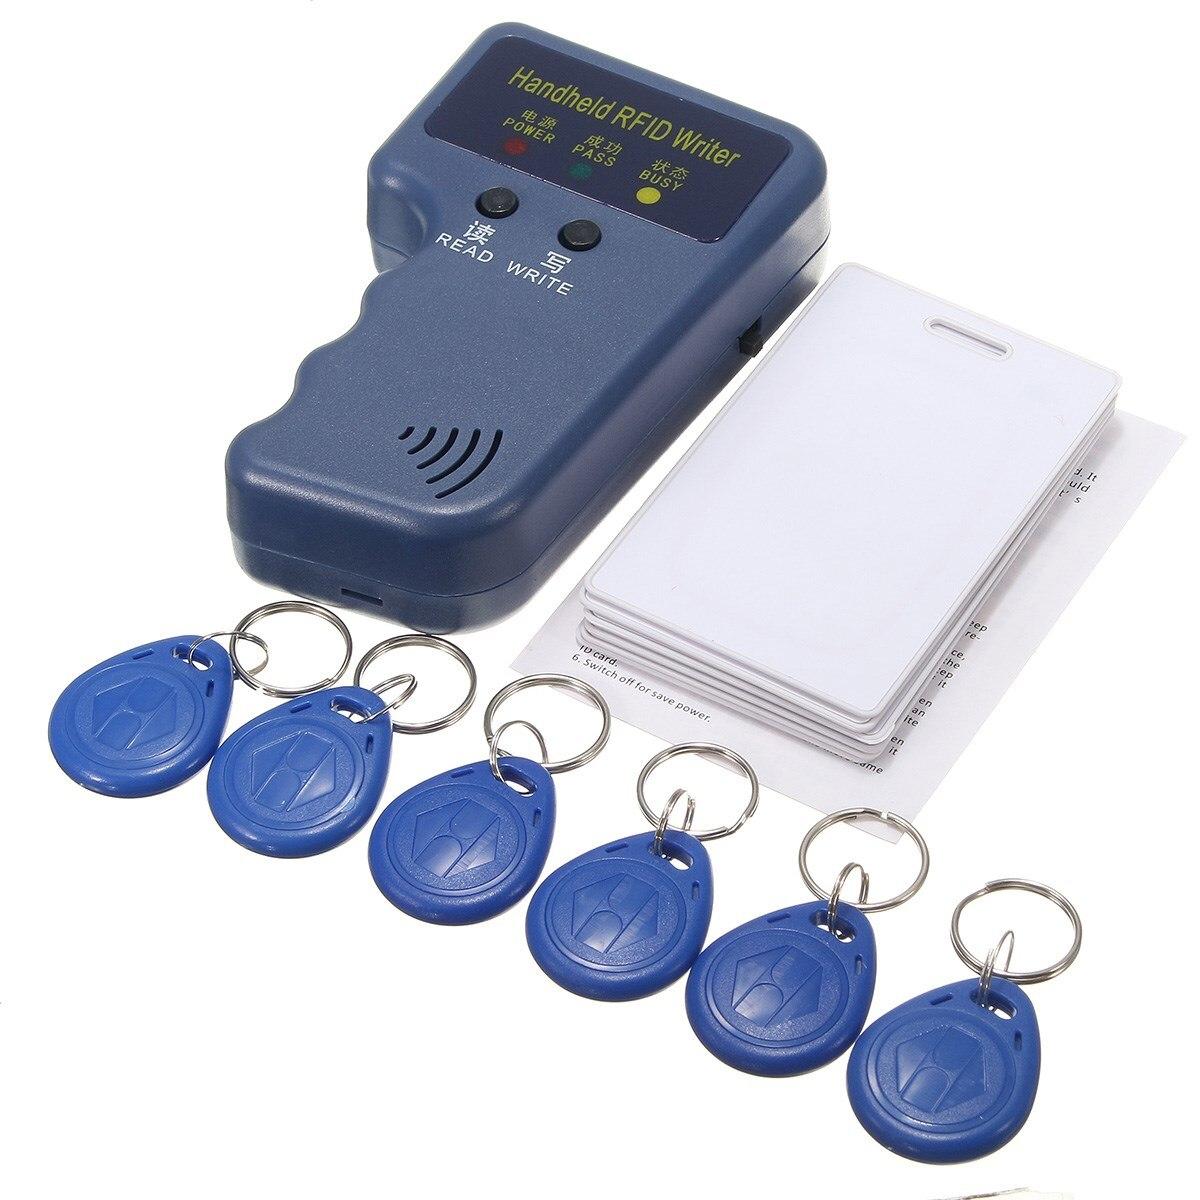 13 stücke 125 khz Handheld RFID ID Karte Kopierer/Reader/Writer Duplizierer Programmer6 Pcs Beschreibbare Tags + 6 stücke Karten